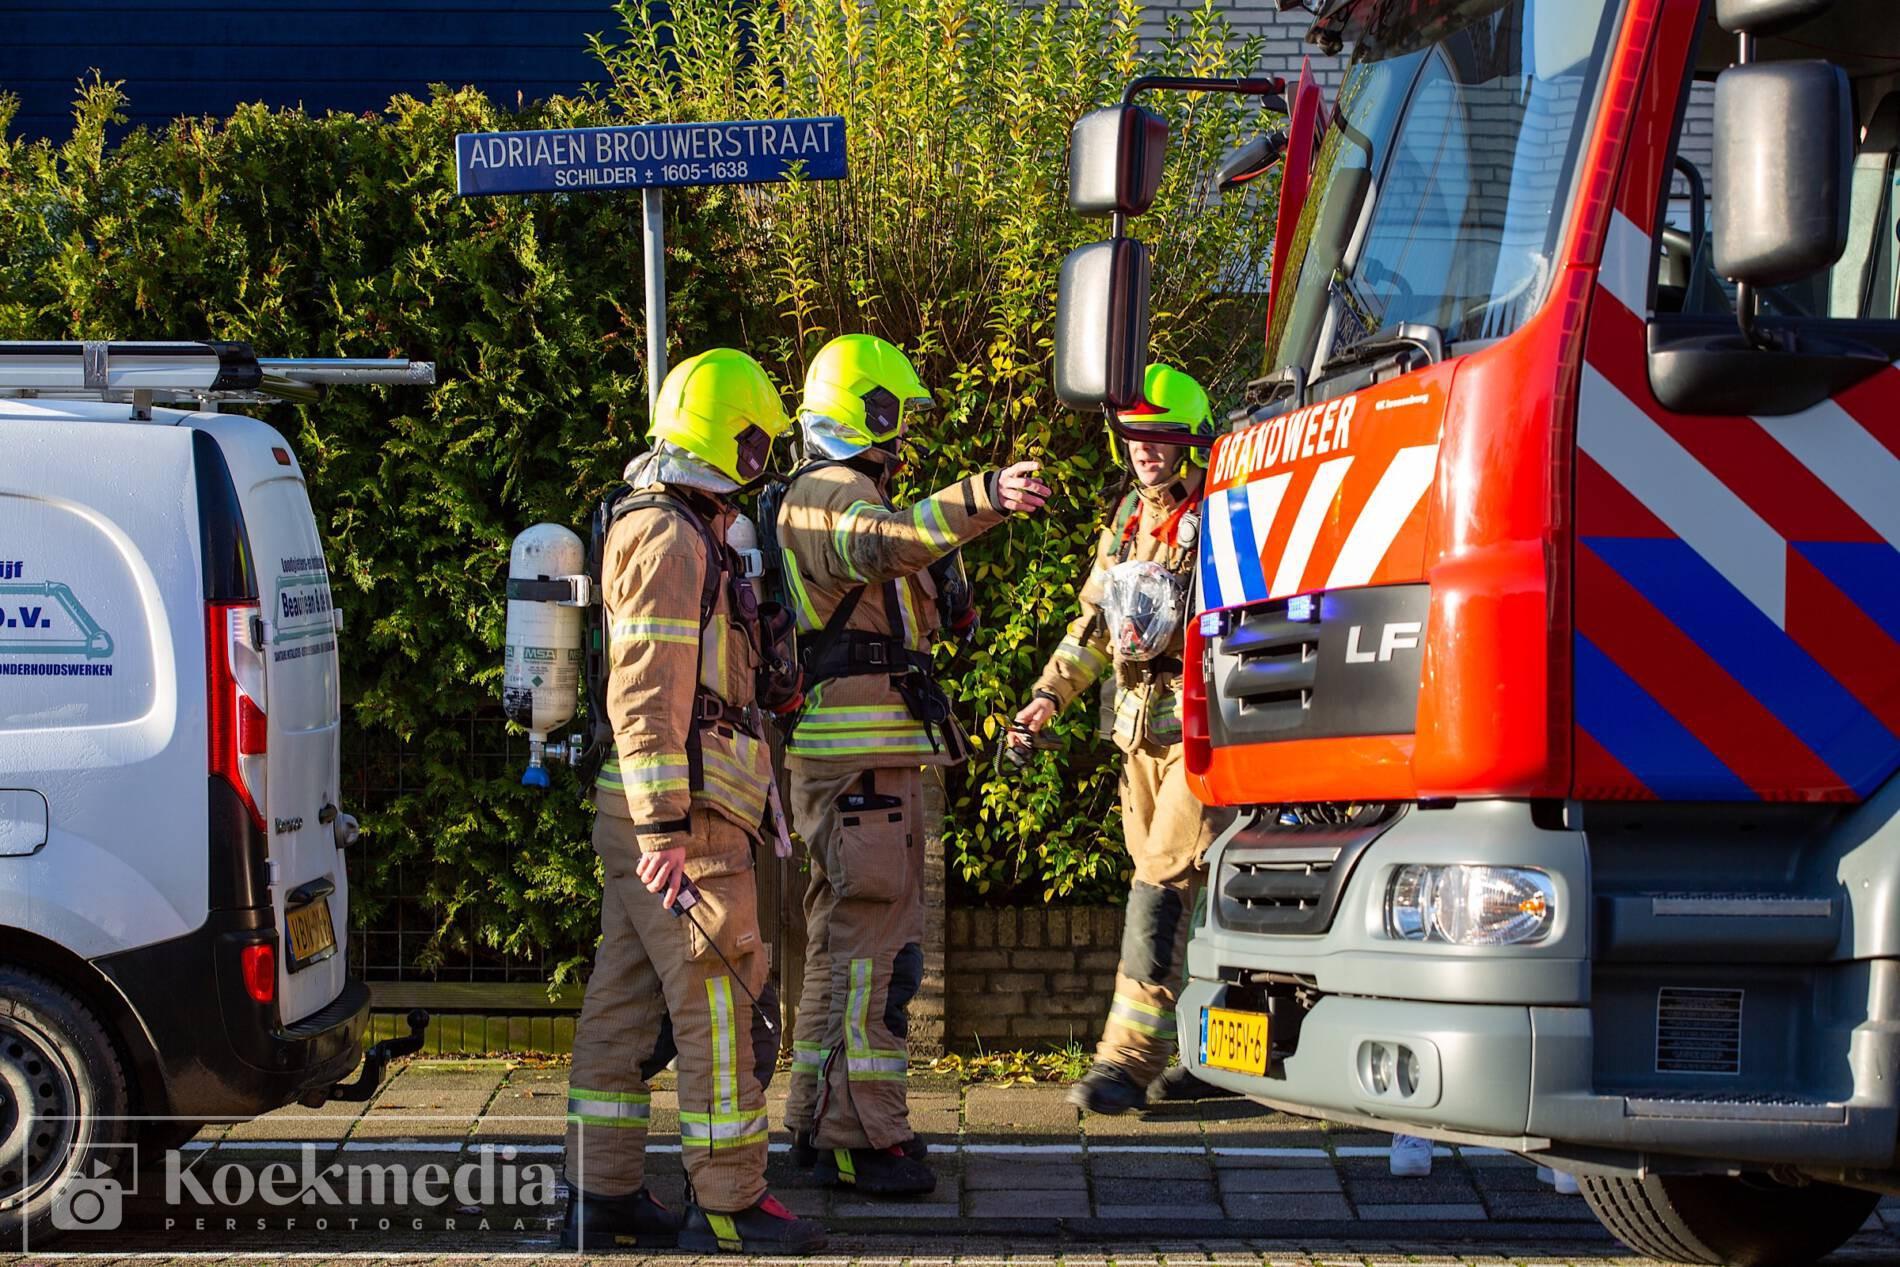 Vreemde gaslucht in woning Adriaen Brouwerstraat Maassluis